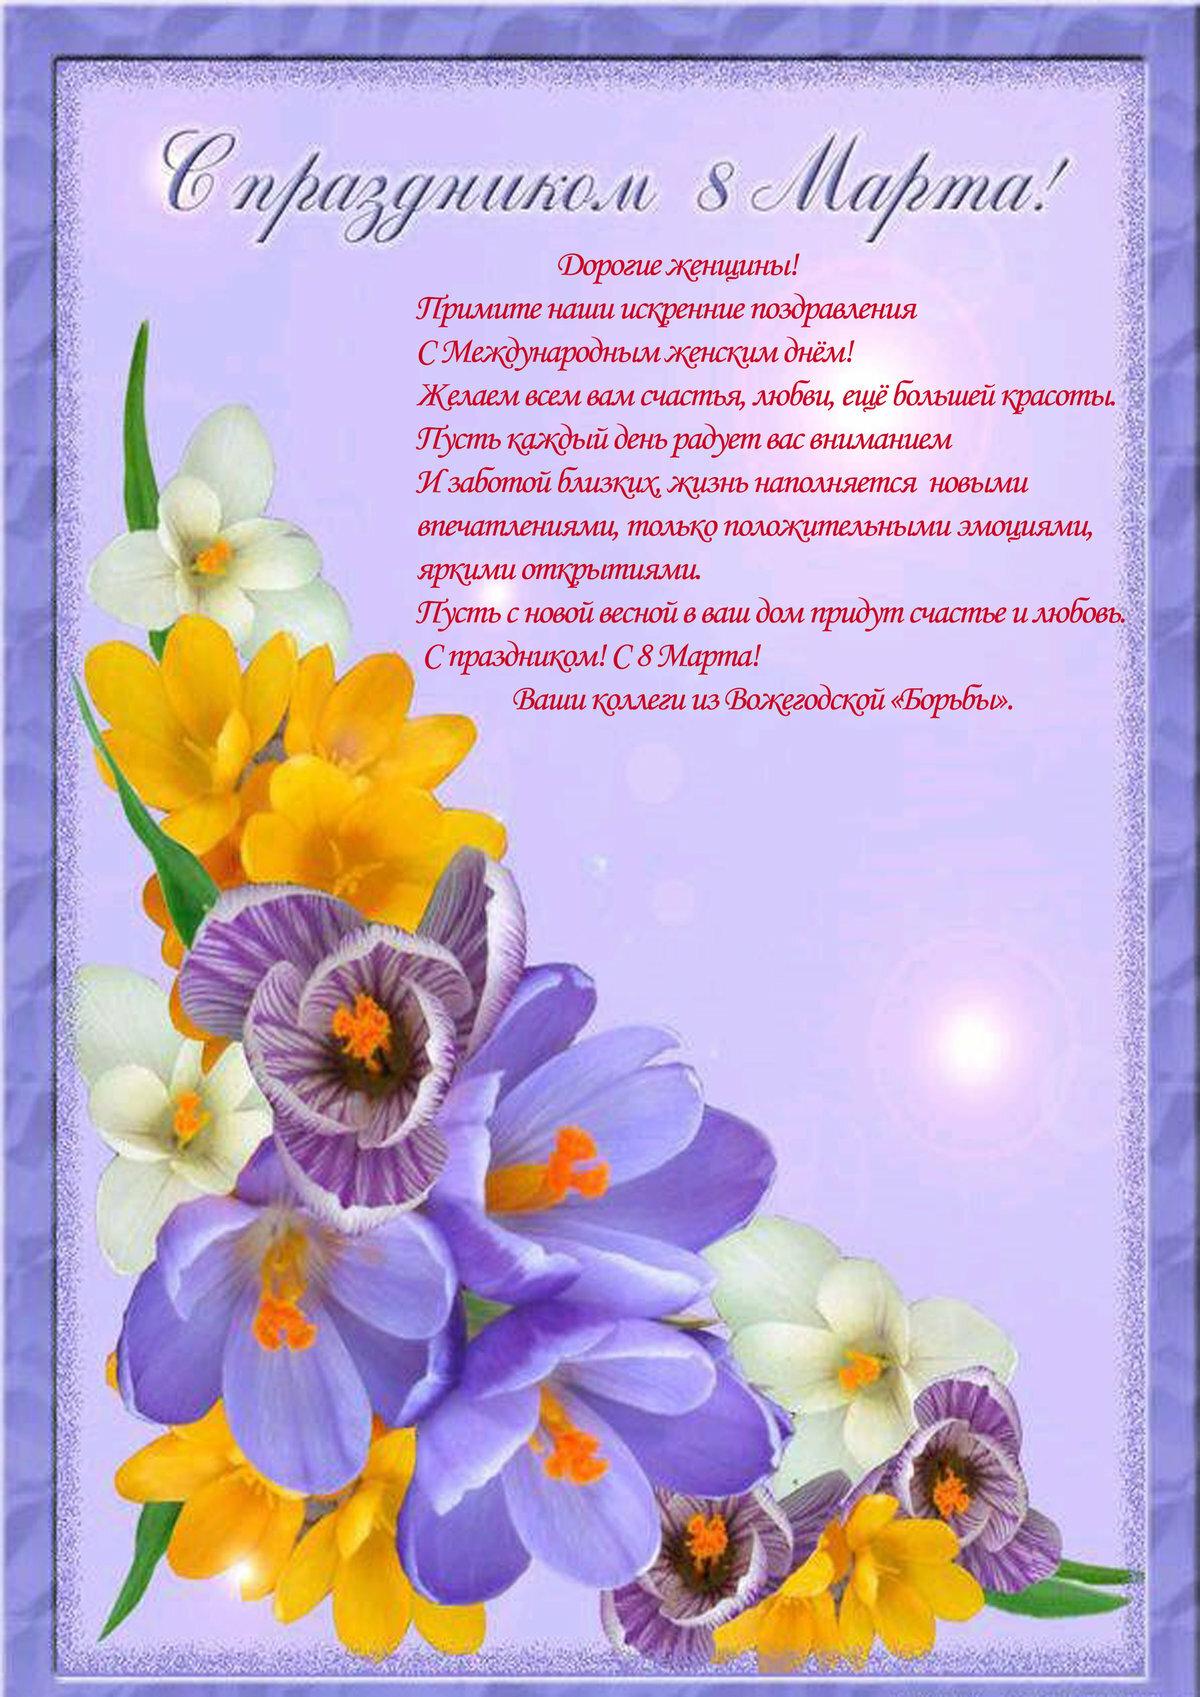 Стихи красивые с 8 мартом, картинки дню рождения